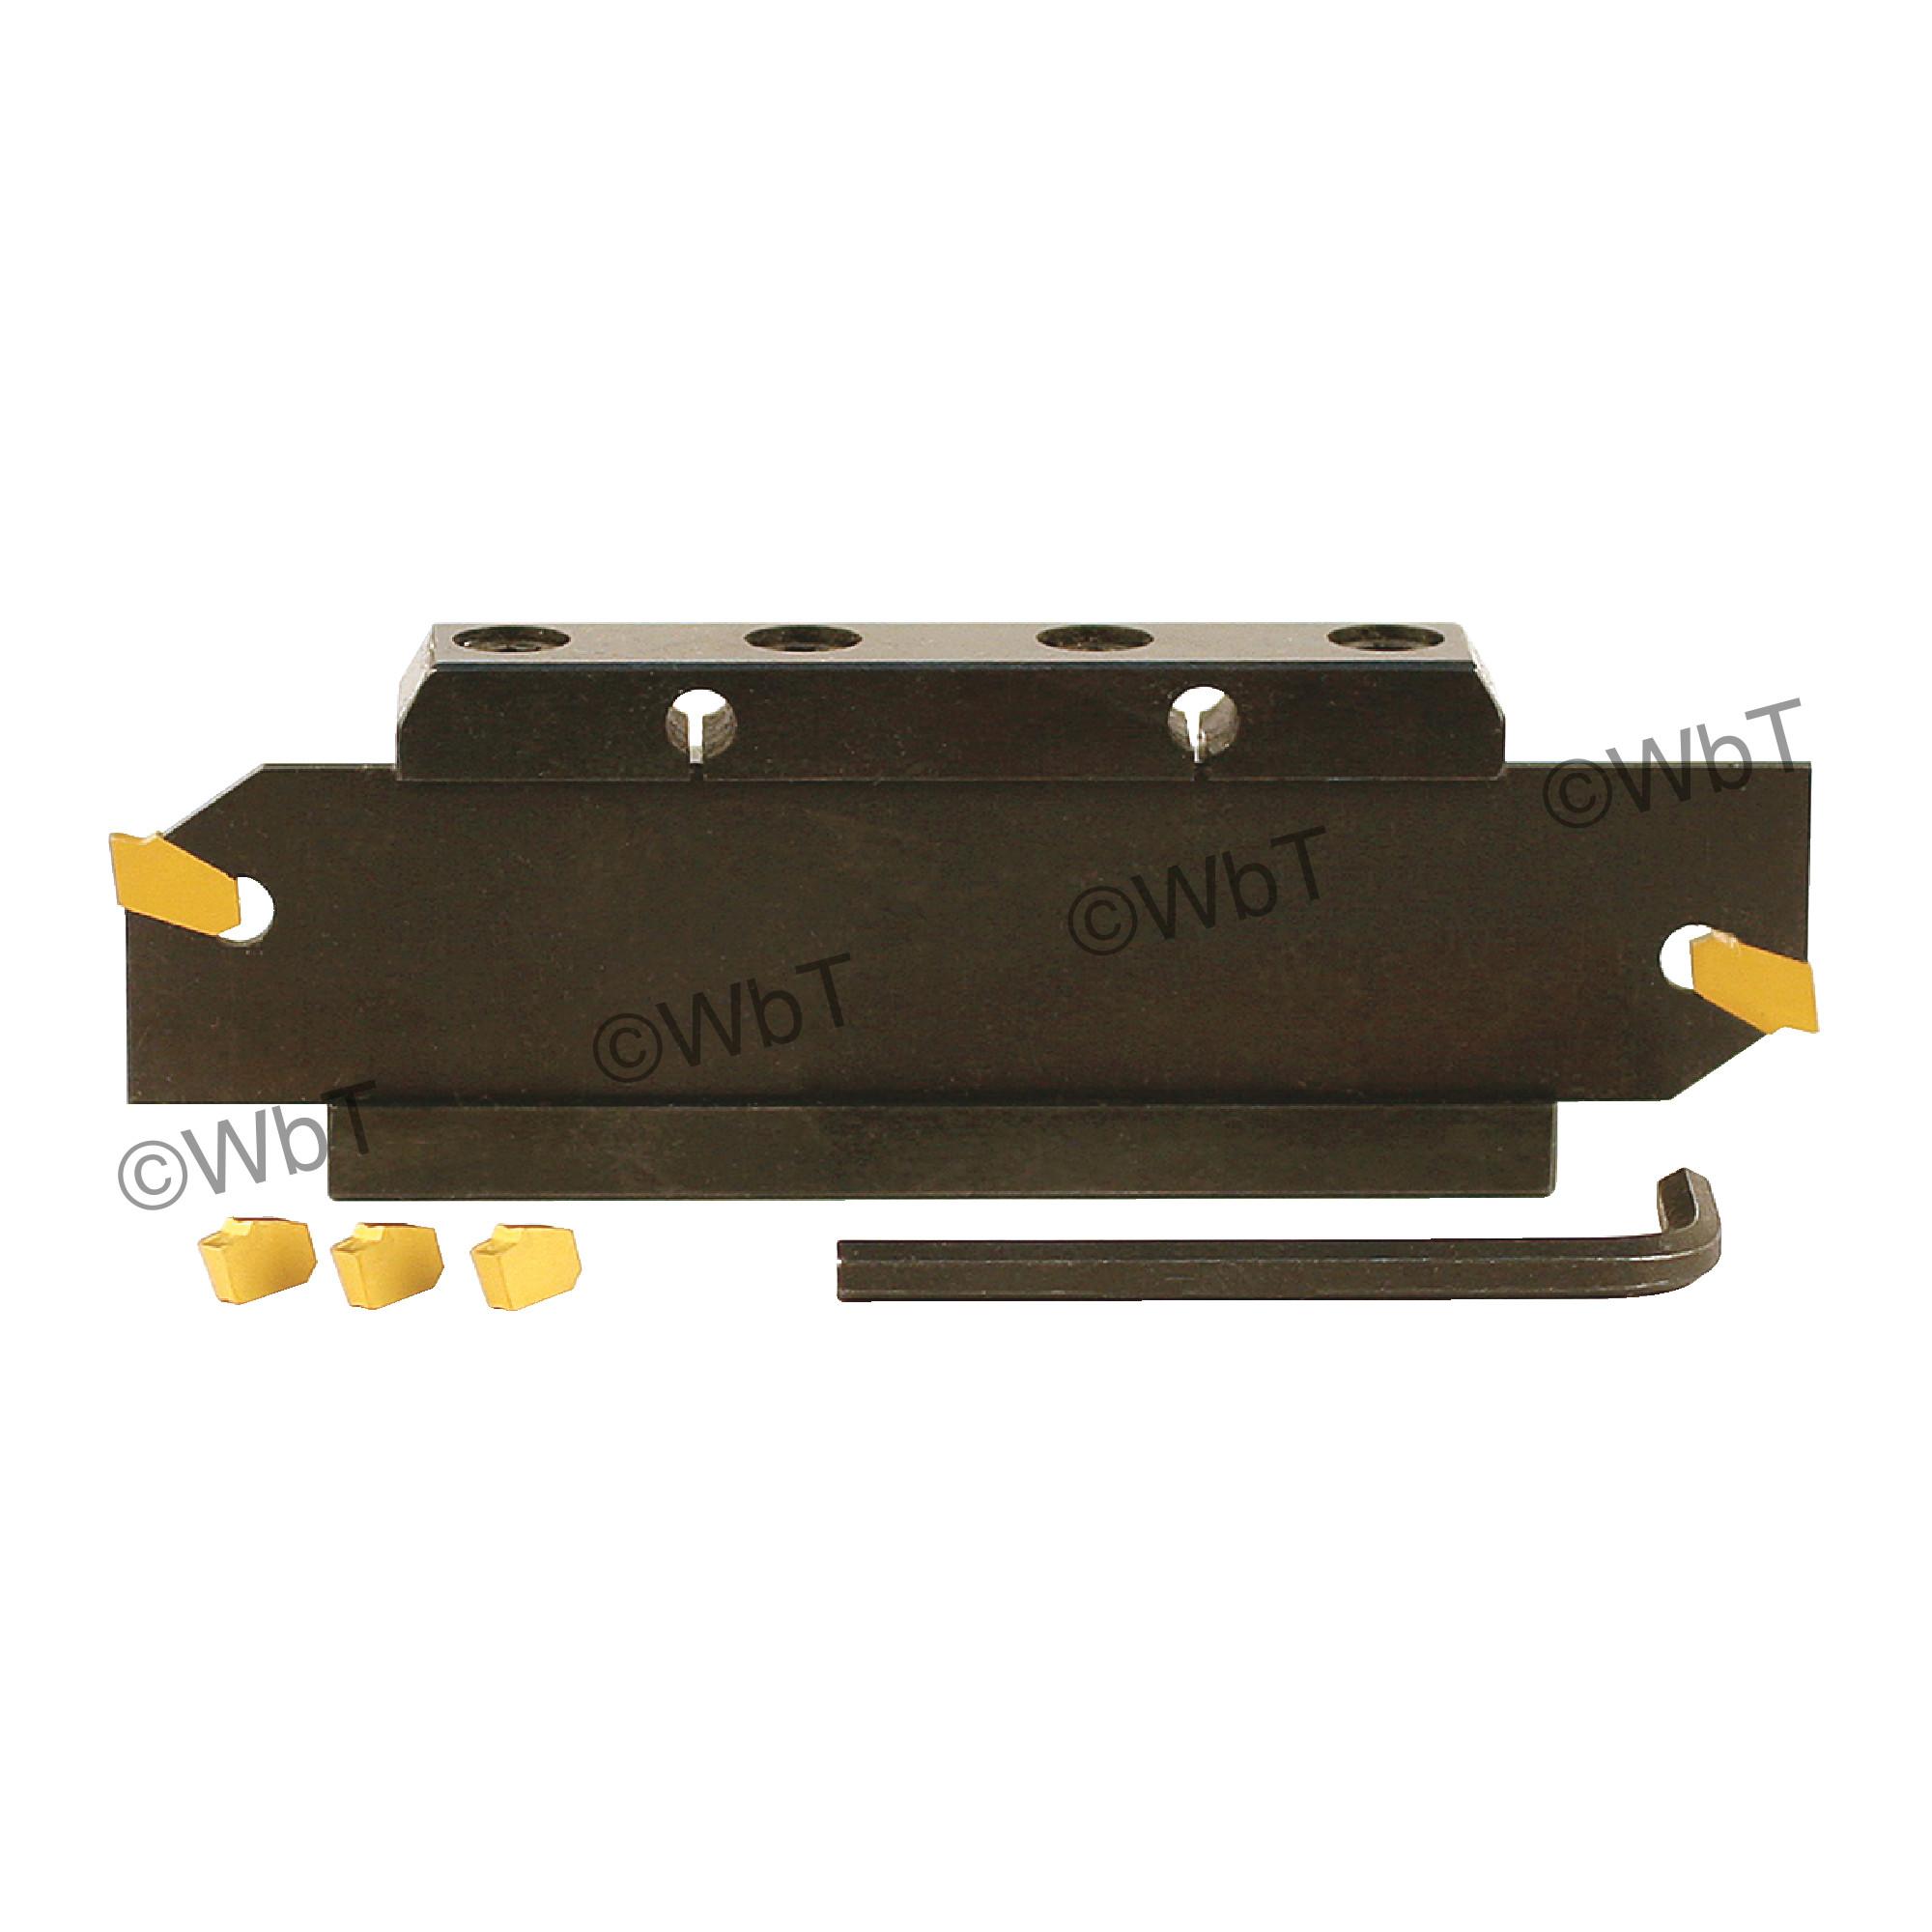 """TERRA CARBIDE - GTN-3 Blade, Block, & Insert Set 4 / 1.0"""" X 29/32"""" Shank / For 1.25"""" (32mm) Height Blades / With (5) GTN"""